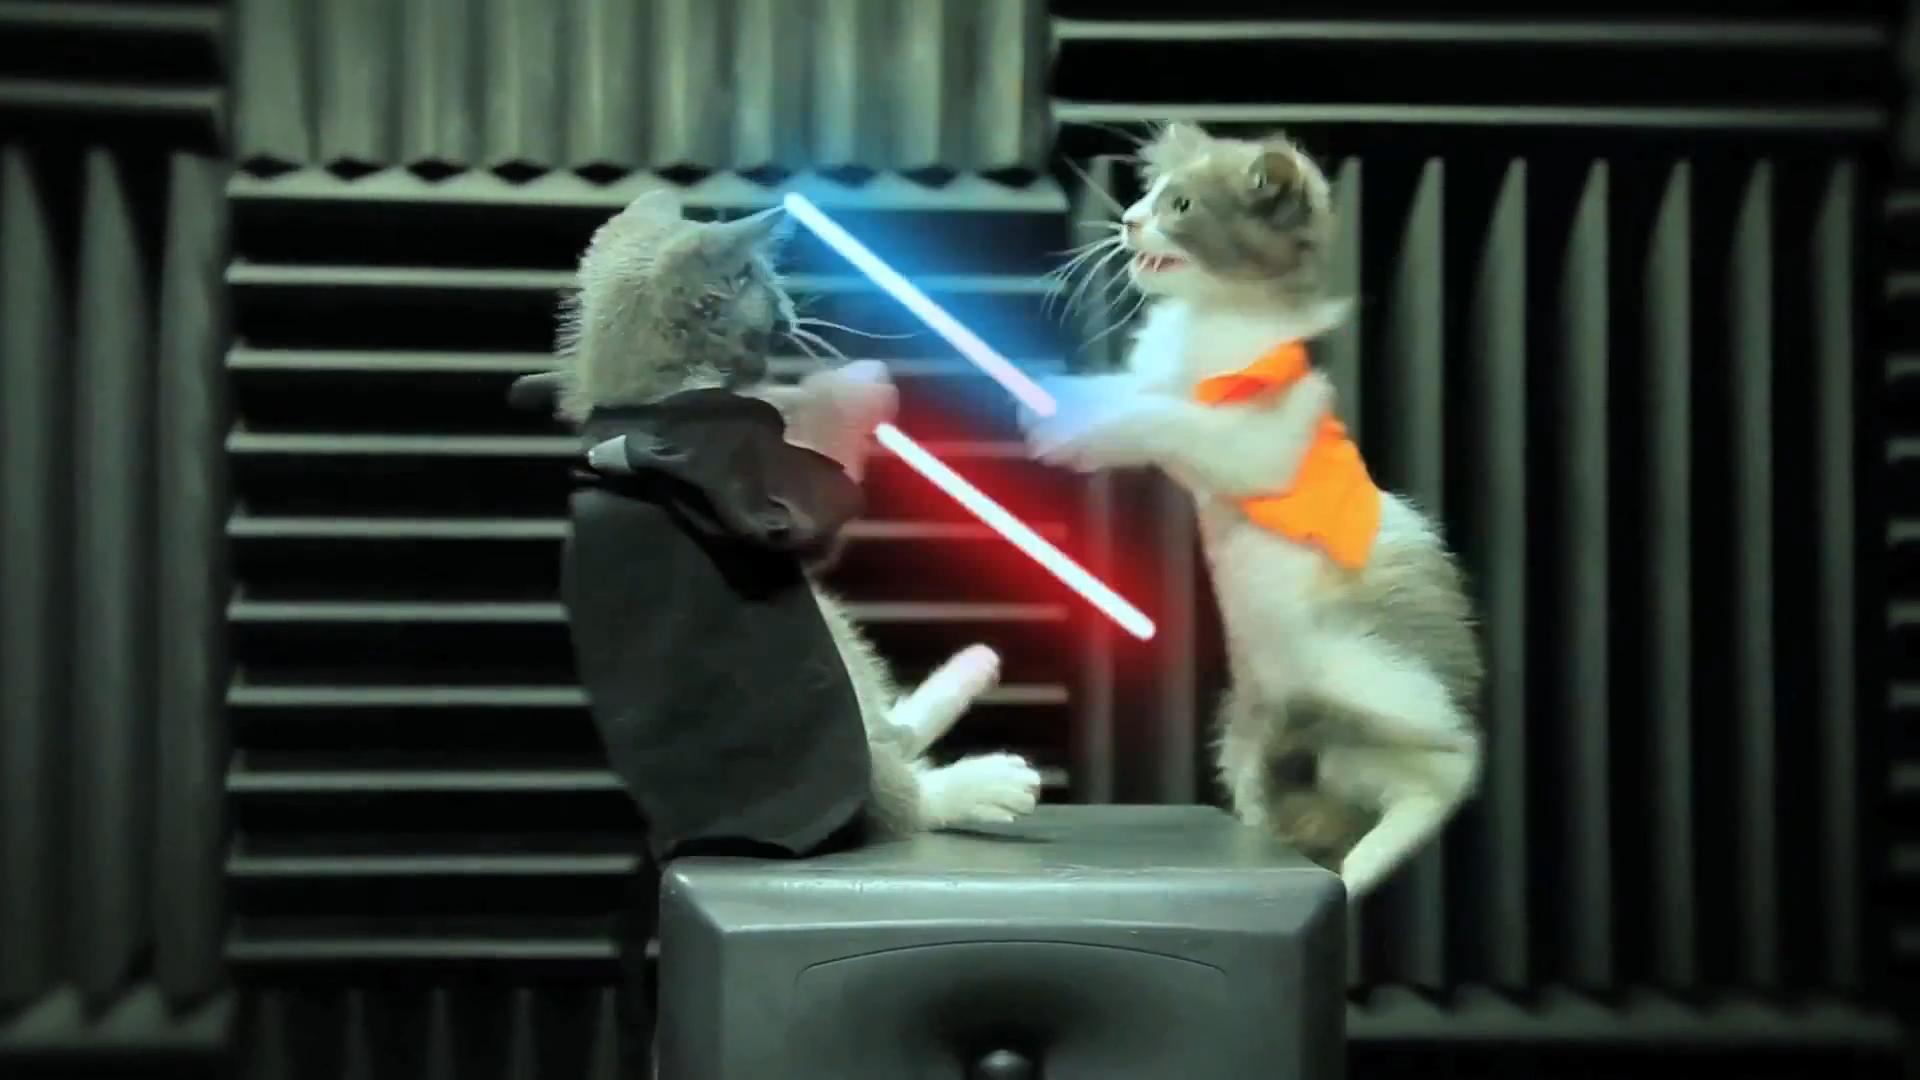 子猫がライトセーバーで戦う動画 ジェダイの子猫たちの逆襲 Jedi Kittens Strike Back スター ウォーズに登場するライトセーバーを持って 子猫たちが戦う動画 ジェダイの子猫たち ネコ好きの人以外でも おお これは かわいい となったかと思い